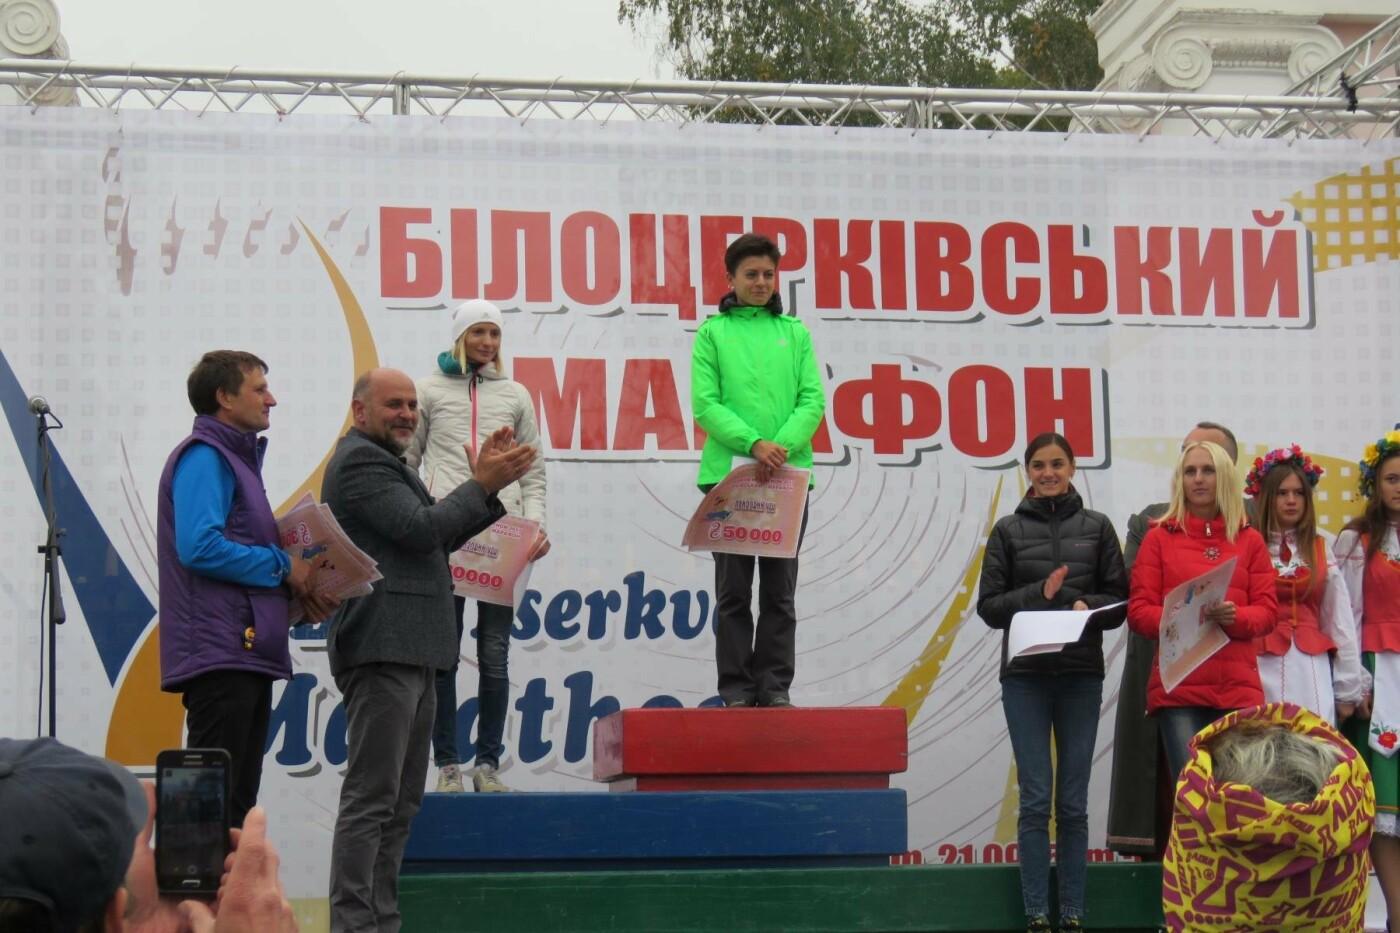 Найстаріший в Україні: як проходив Білоцерківський марафон-2017, фото-29